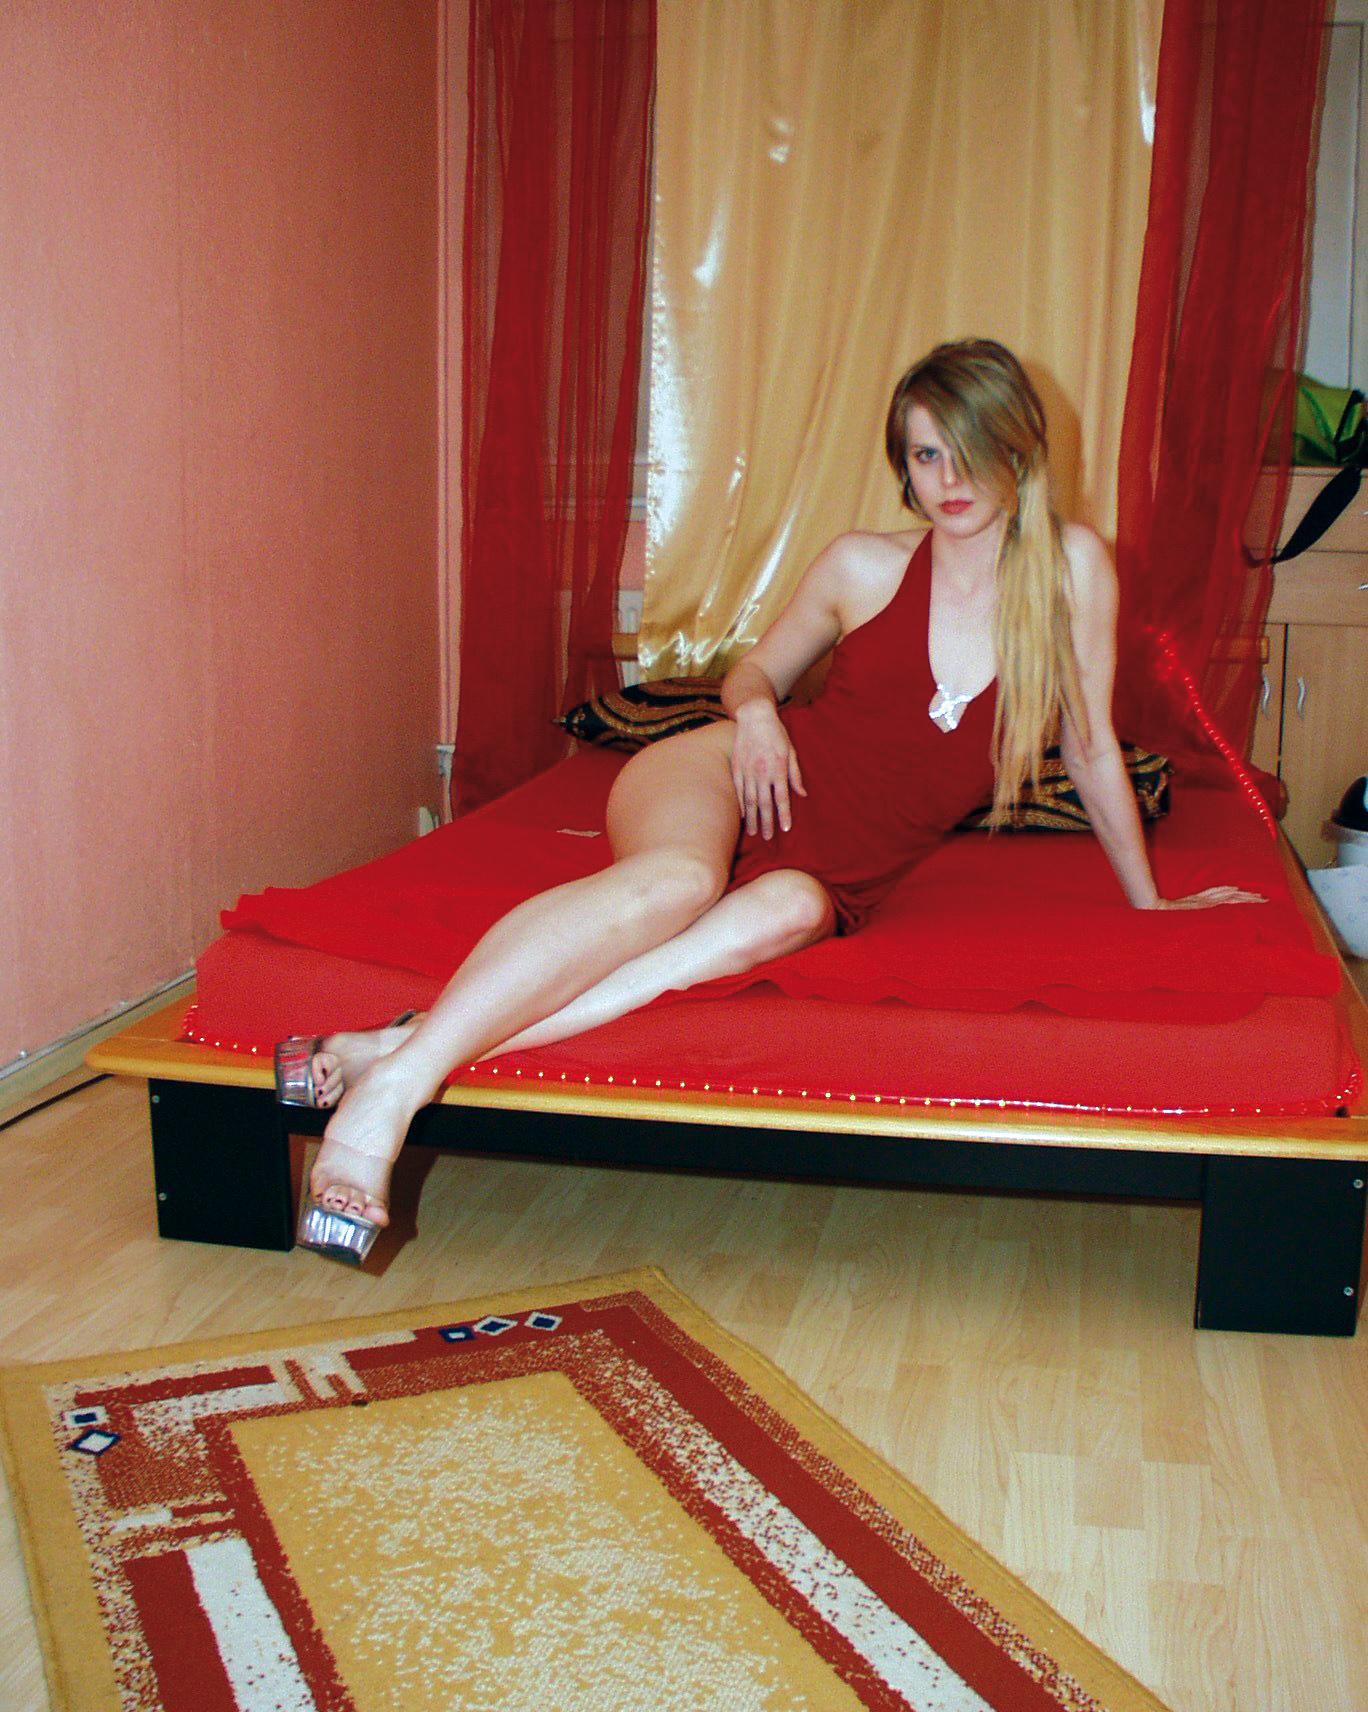 Schwedische prostituierte beim sex foto 2